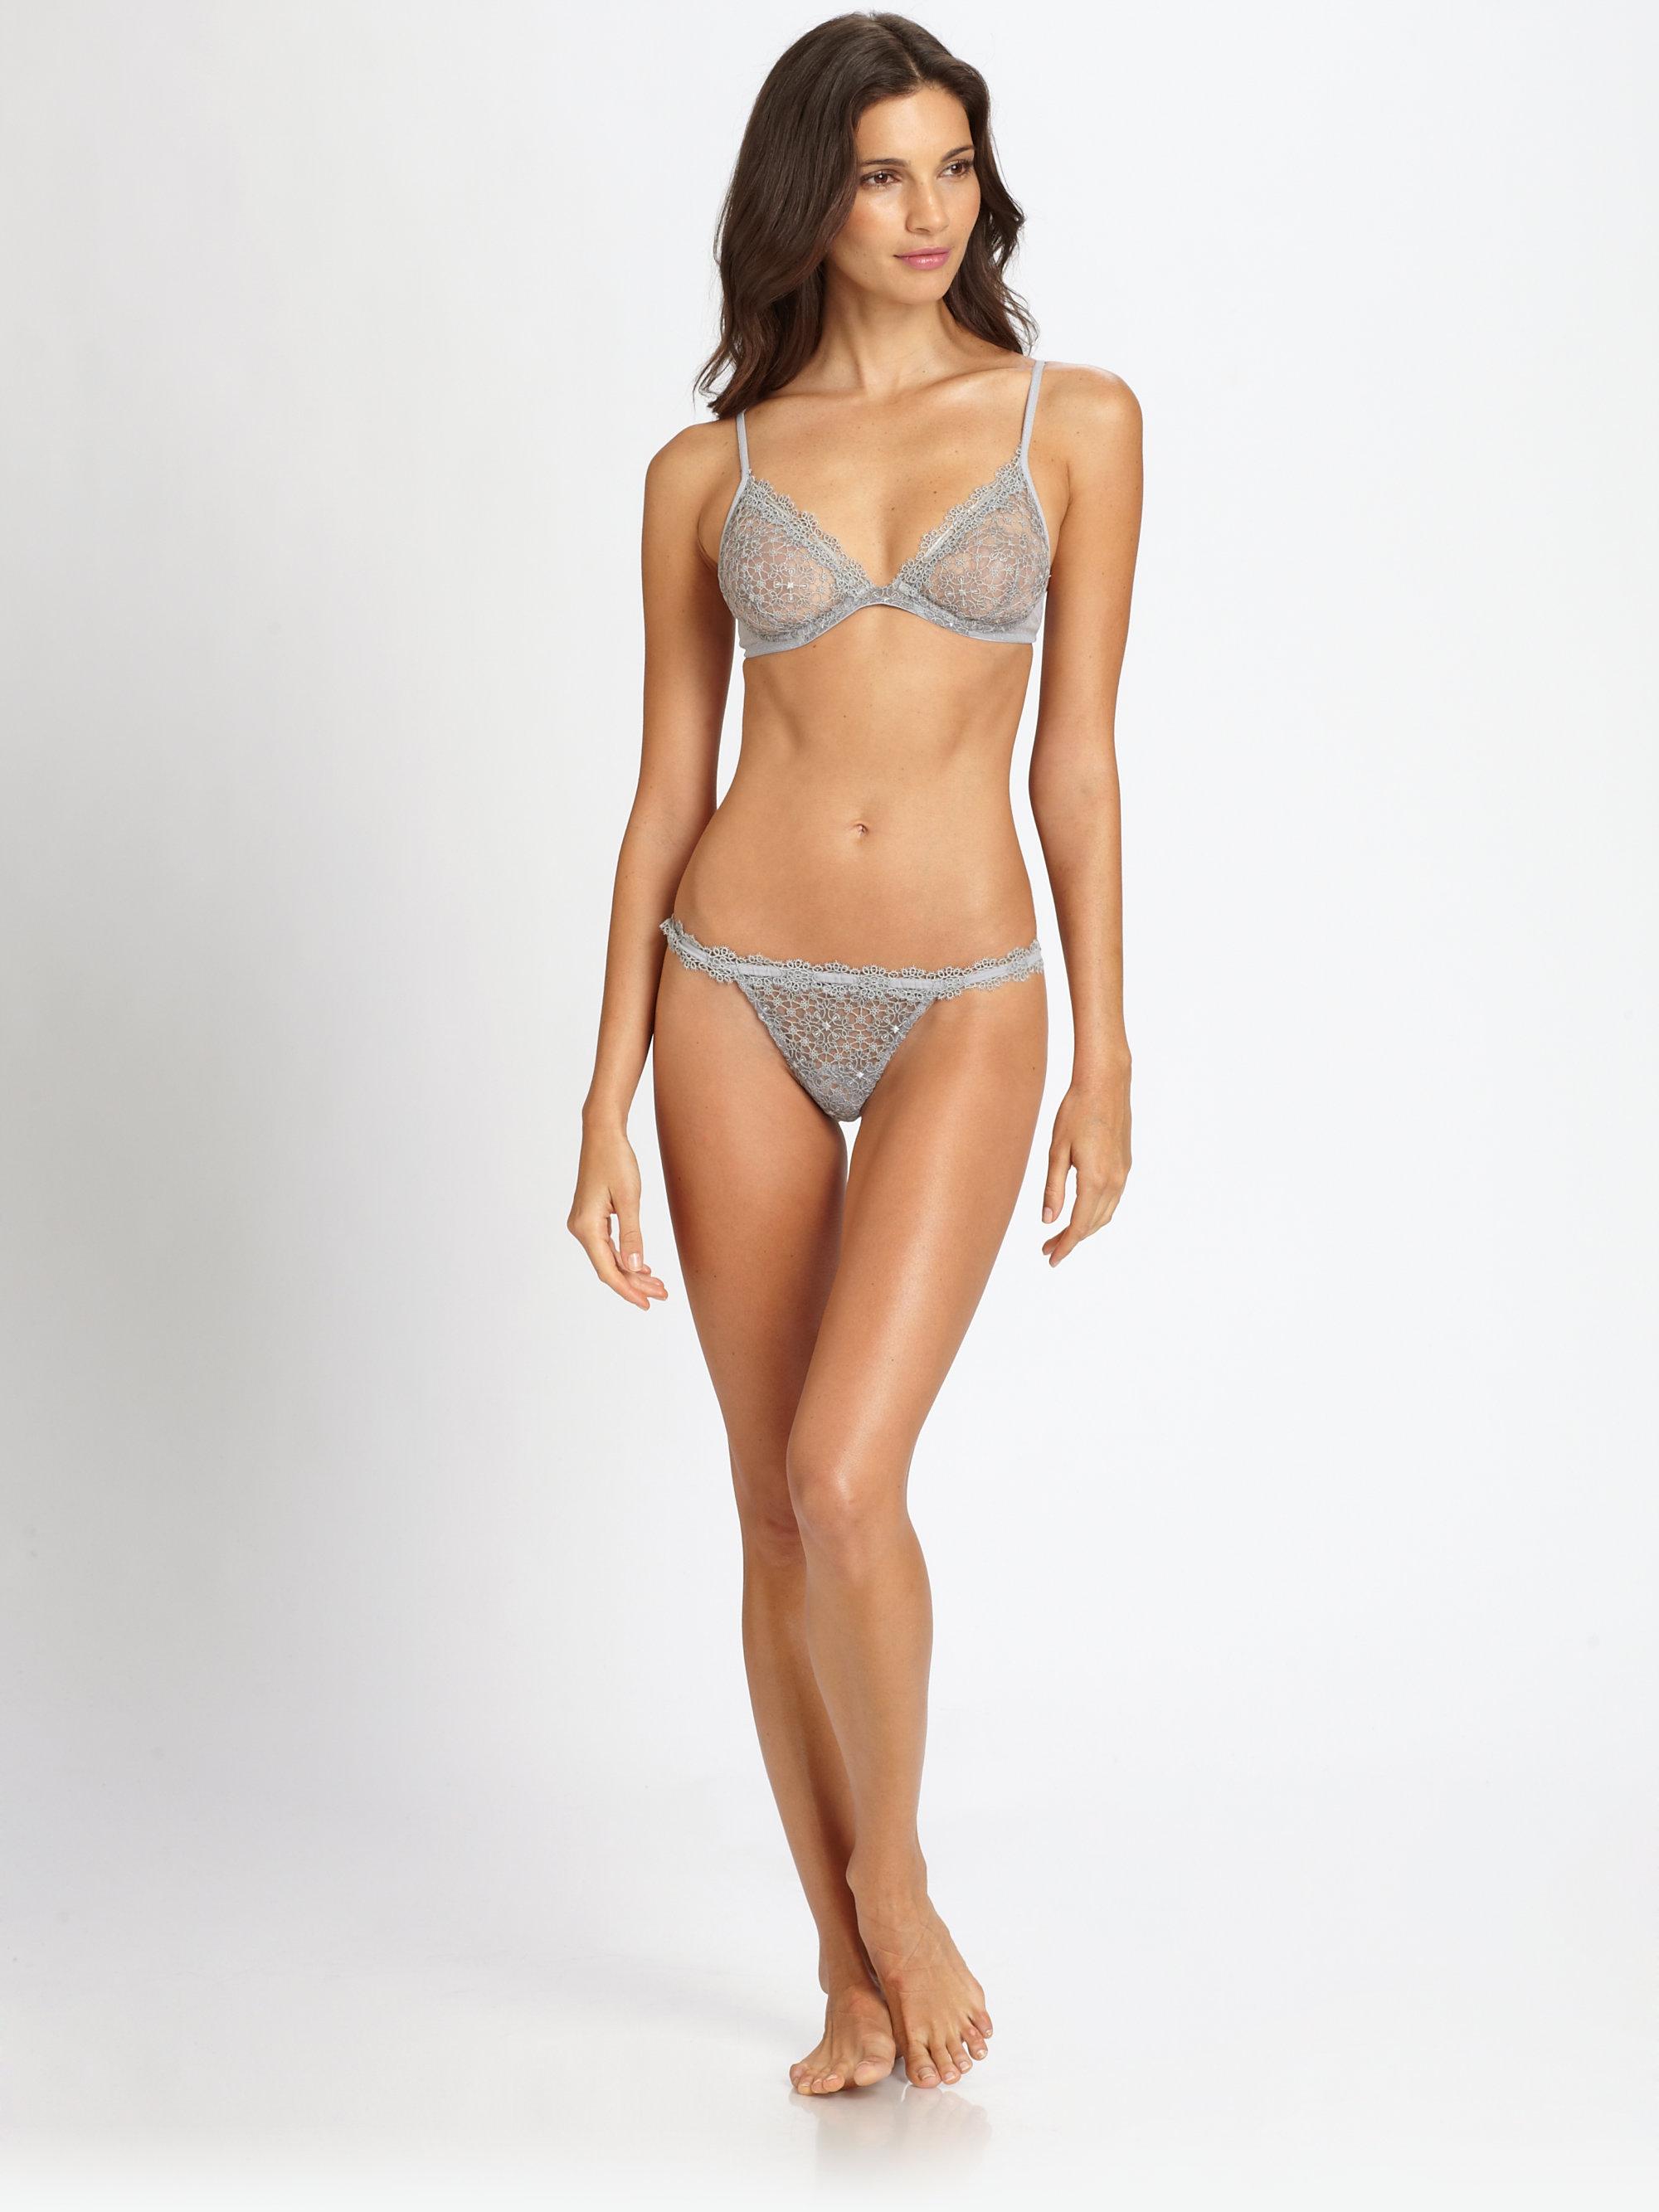 Underwear and lingerie la perla full coverage bras